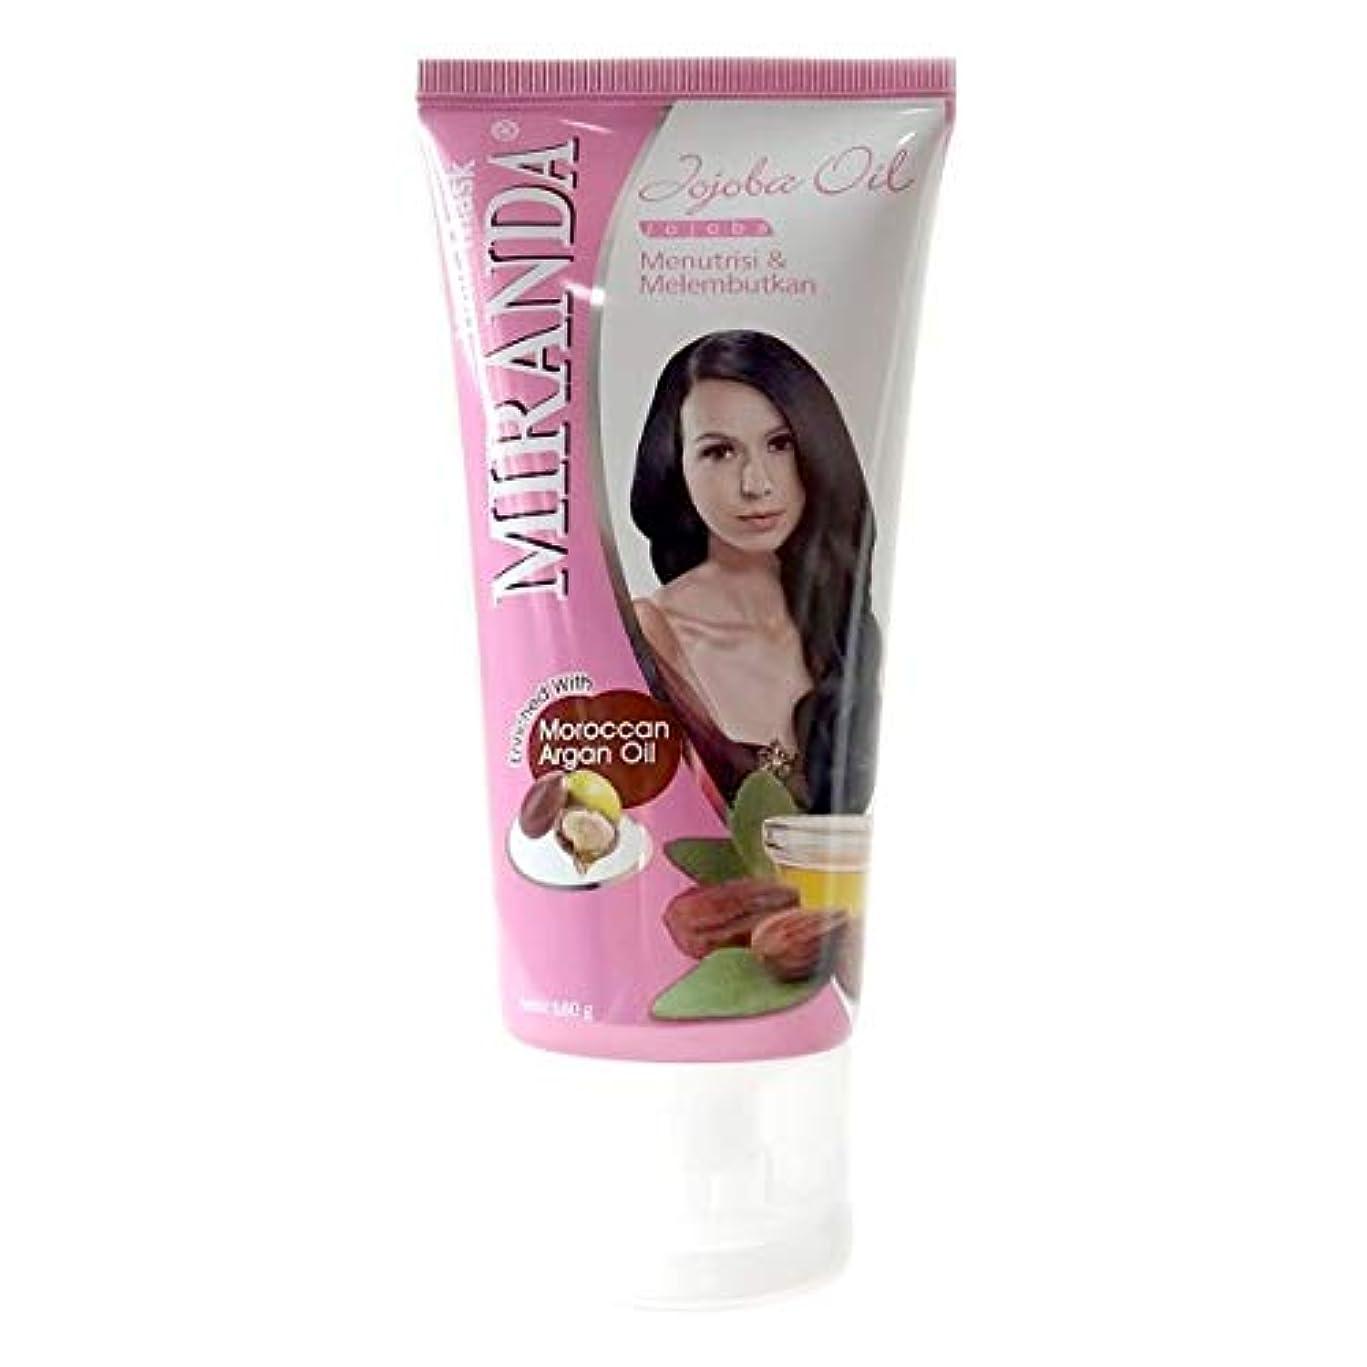 プロット腹部遵守するMIRANDA ミランダ Hair Mask ヘアマスク モロッカンアルガンオイル主成分のヘアトリートメント 160g Jojoba oil ホホバオイル [海外直送品]